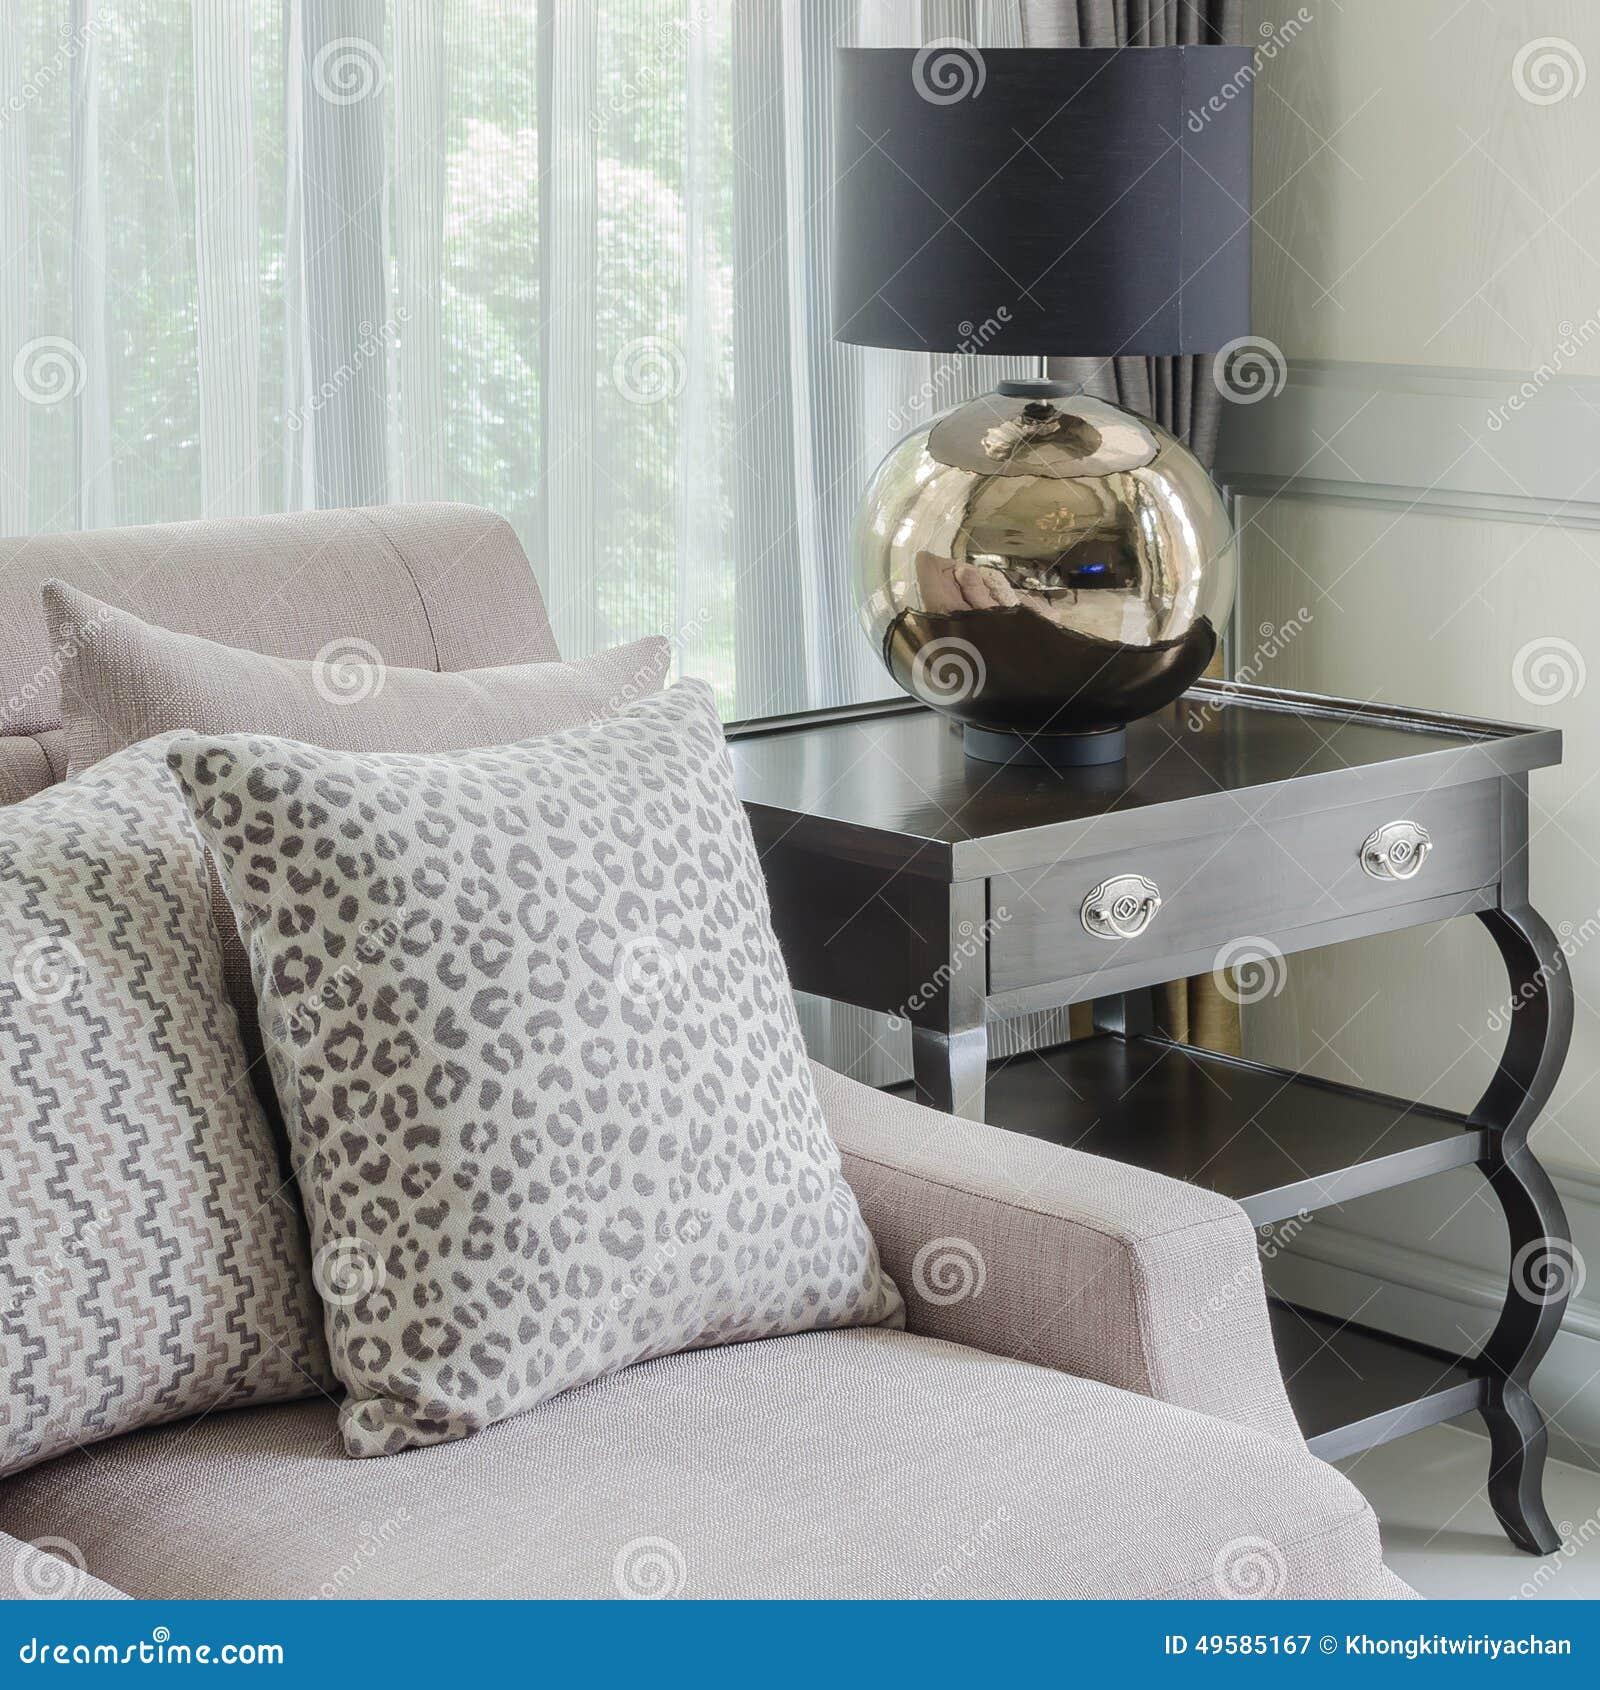 Svart Lampa På Trätabellen I Vardagsrum Arkivfoto - Bild: 69923850